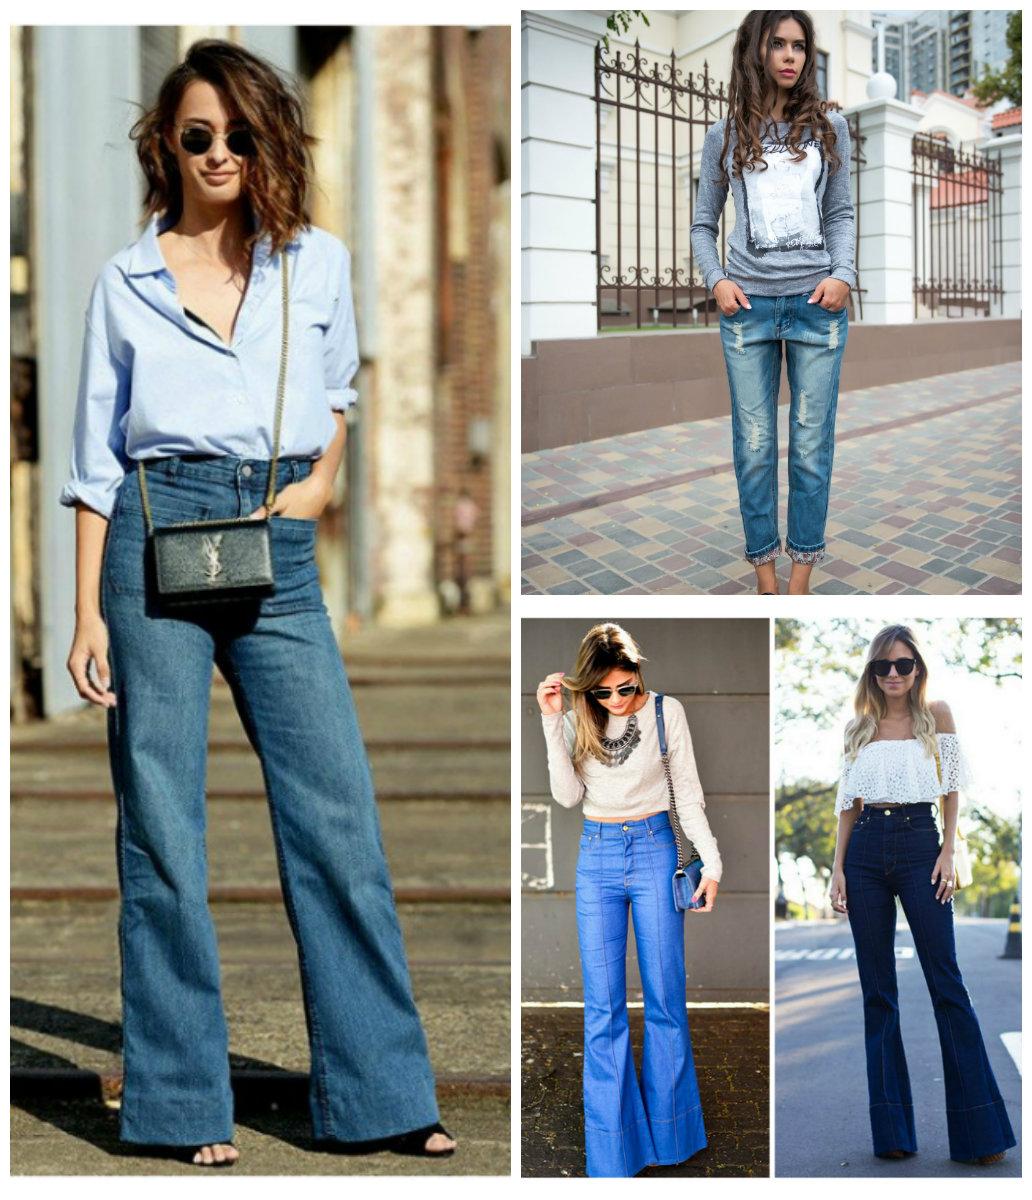 Модные-джинсы-2019-женские-Крой-фото-Длина-Крой-Декор-Цвет-Модные джинсы 2019